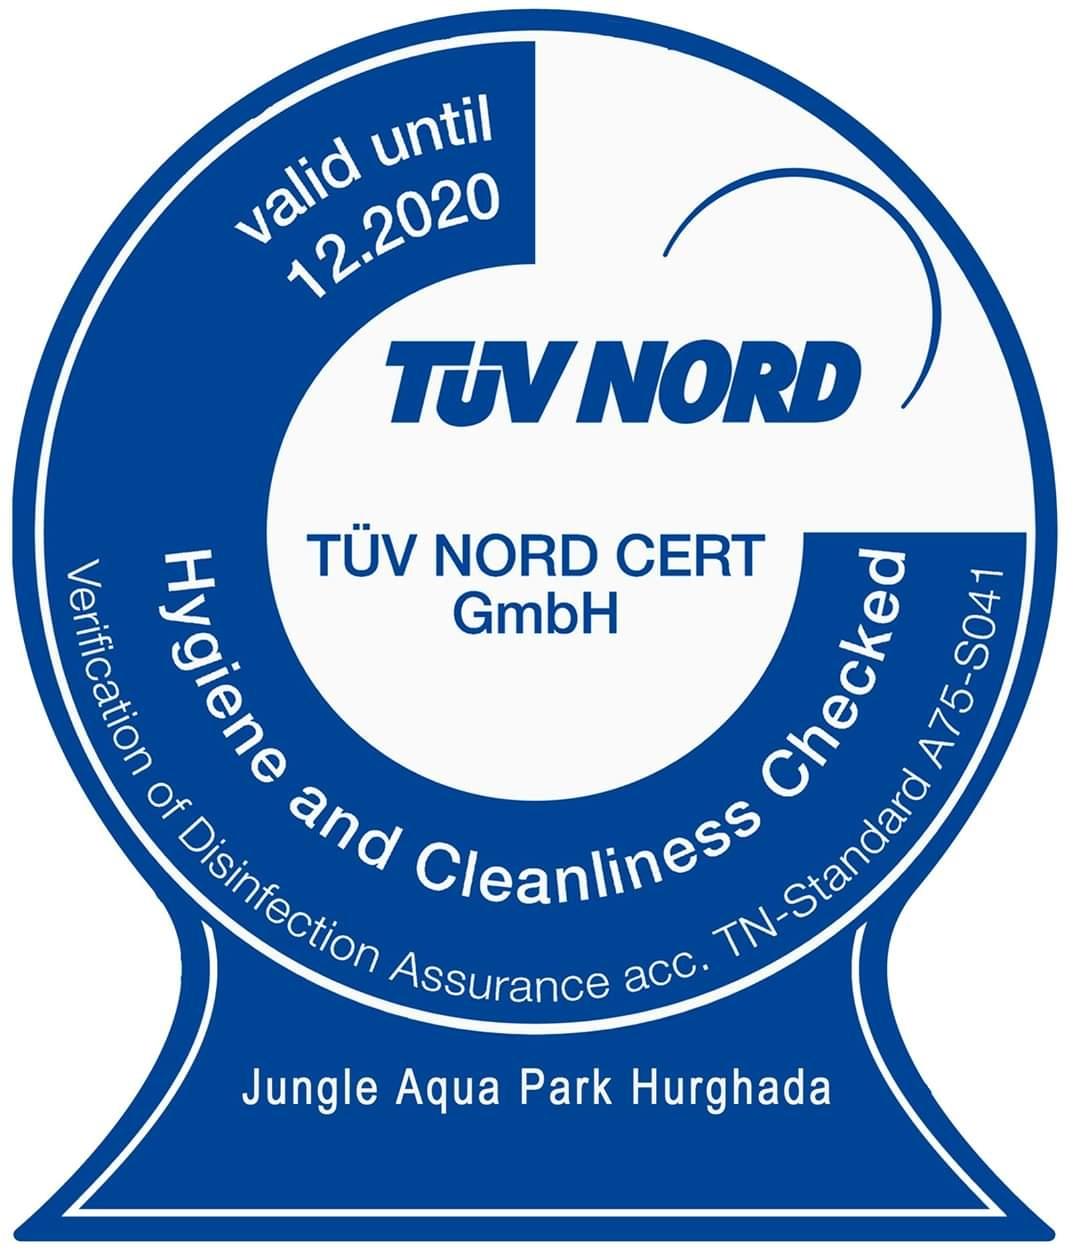 فنادق الباتروس بالغردقة تستعين بـ TUV NORD العالمية لتطبق إجراءات السلامة